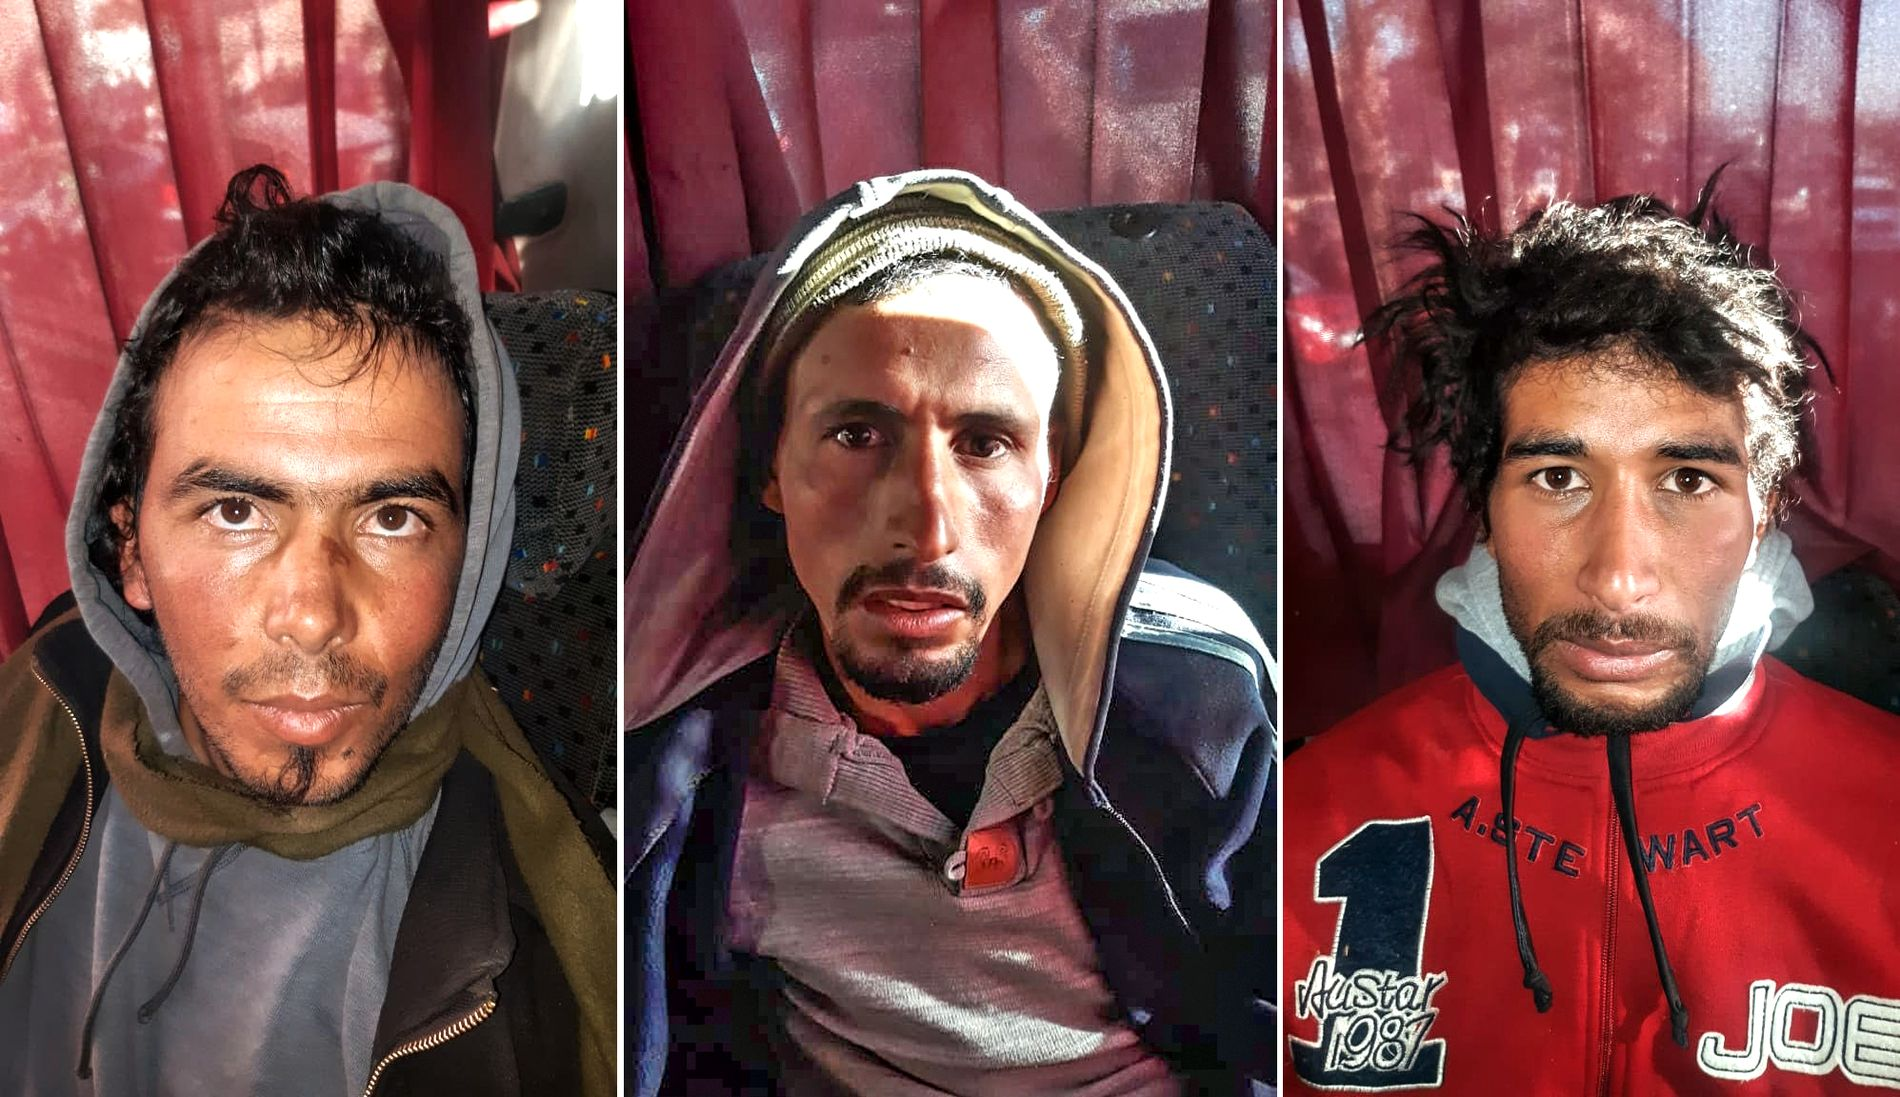 PÅGREPET: VG får opplyst at de ble pågrepet i en buss ved bussholdeplassen Place Al Mourabitine i sentrum av Marrakech.